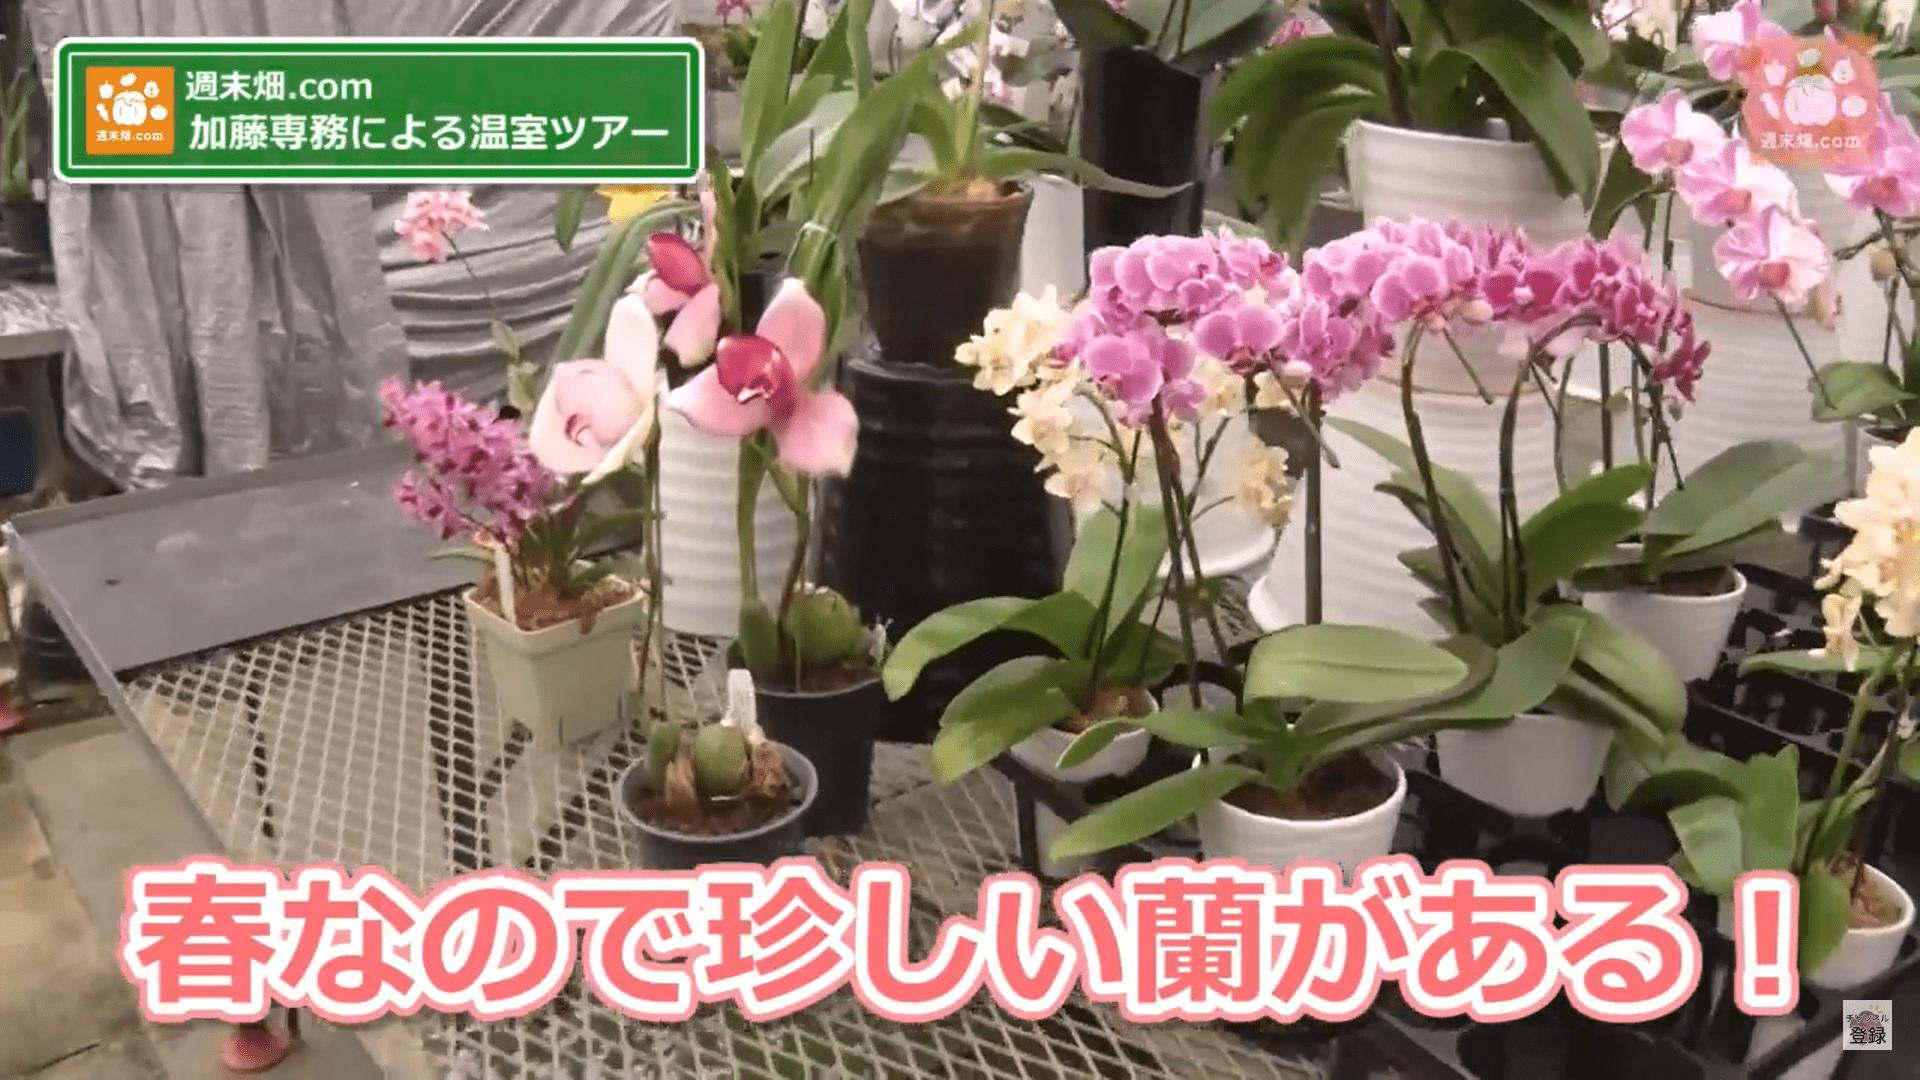 洋ラン温室ツアーの動画